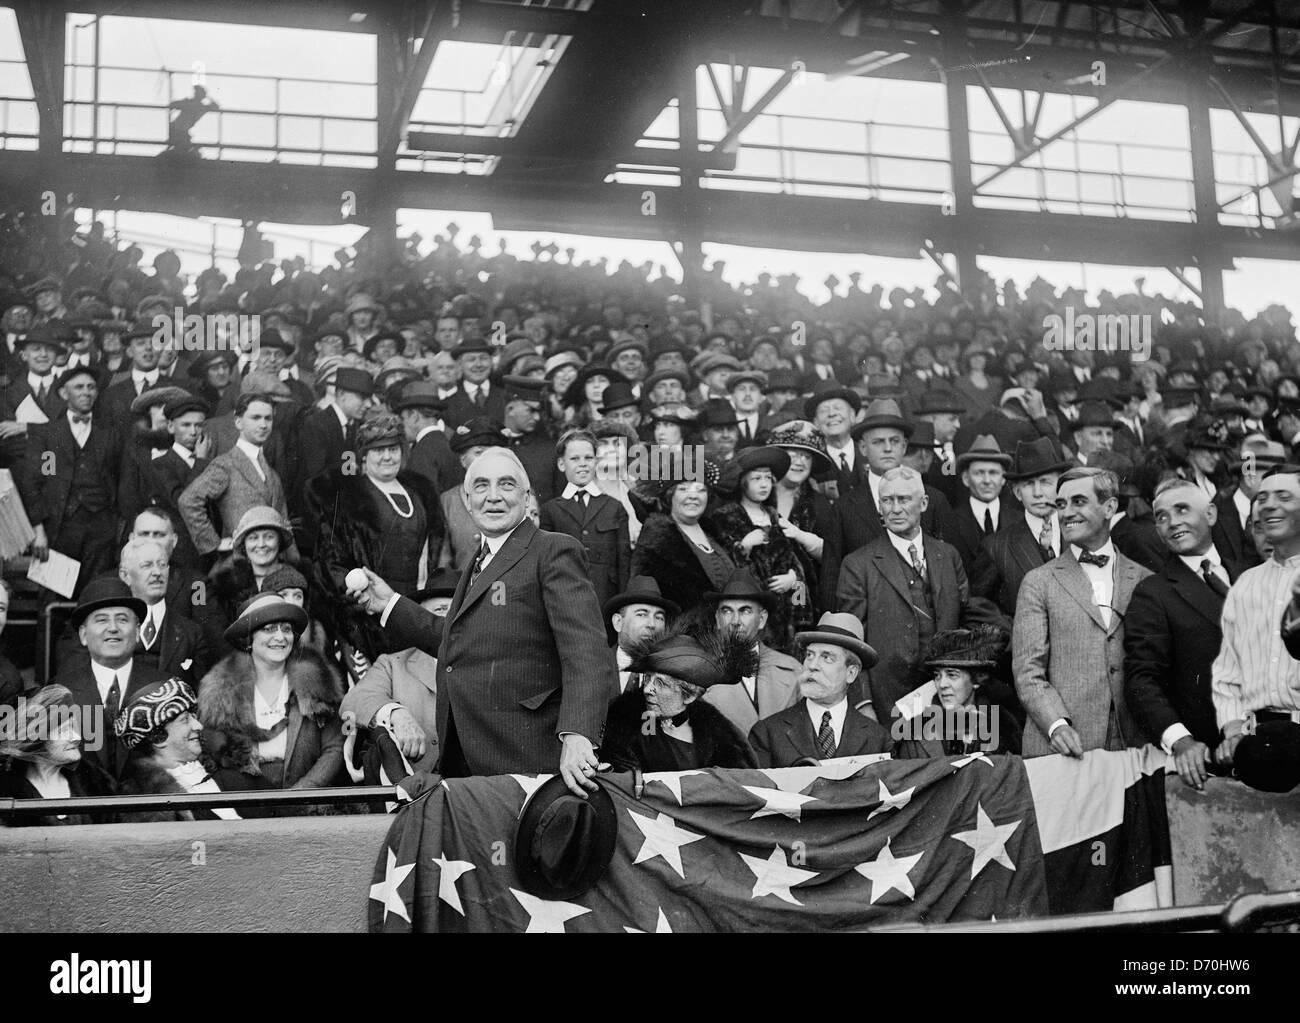 President Warren Harding throwing out baseball at Washington Senators baseball game, circa 1922 - Stock Image